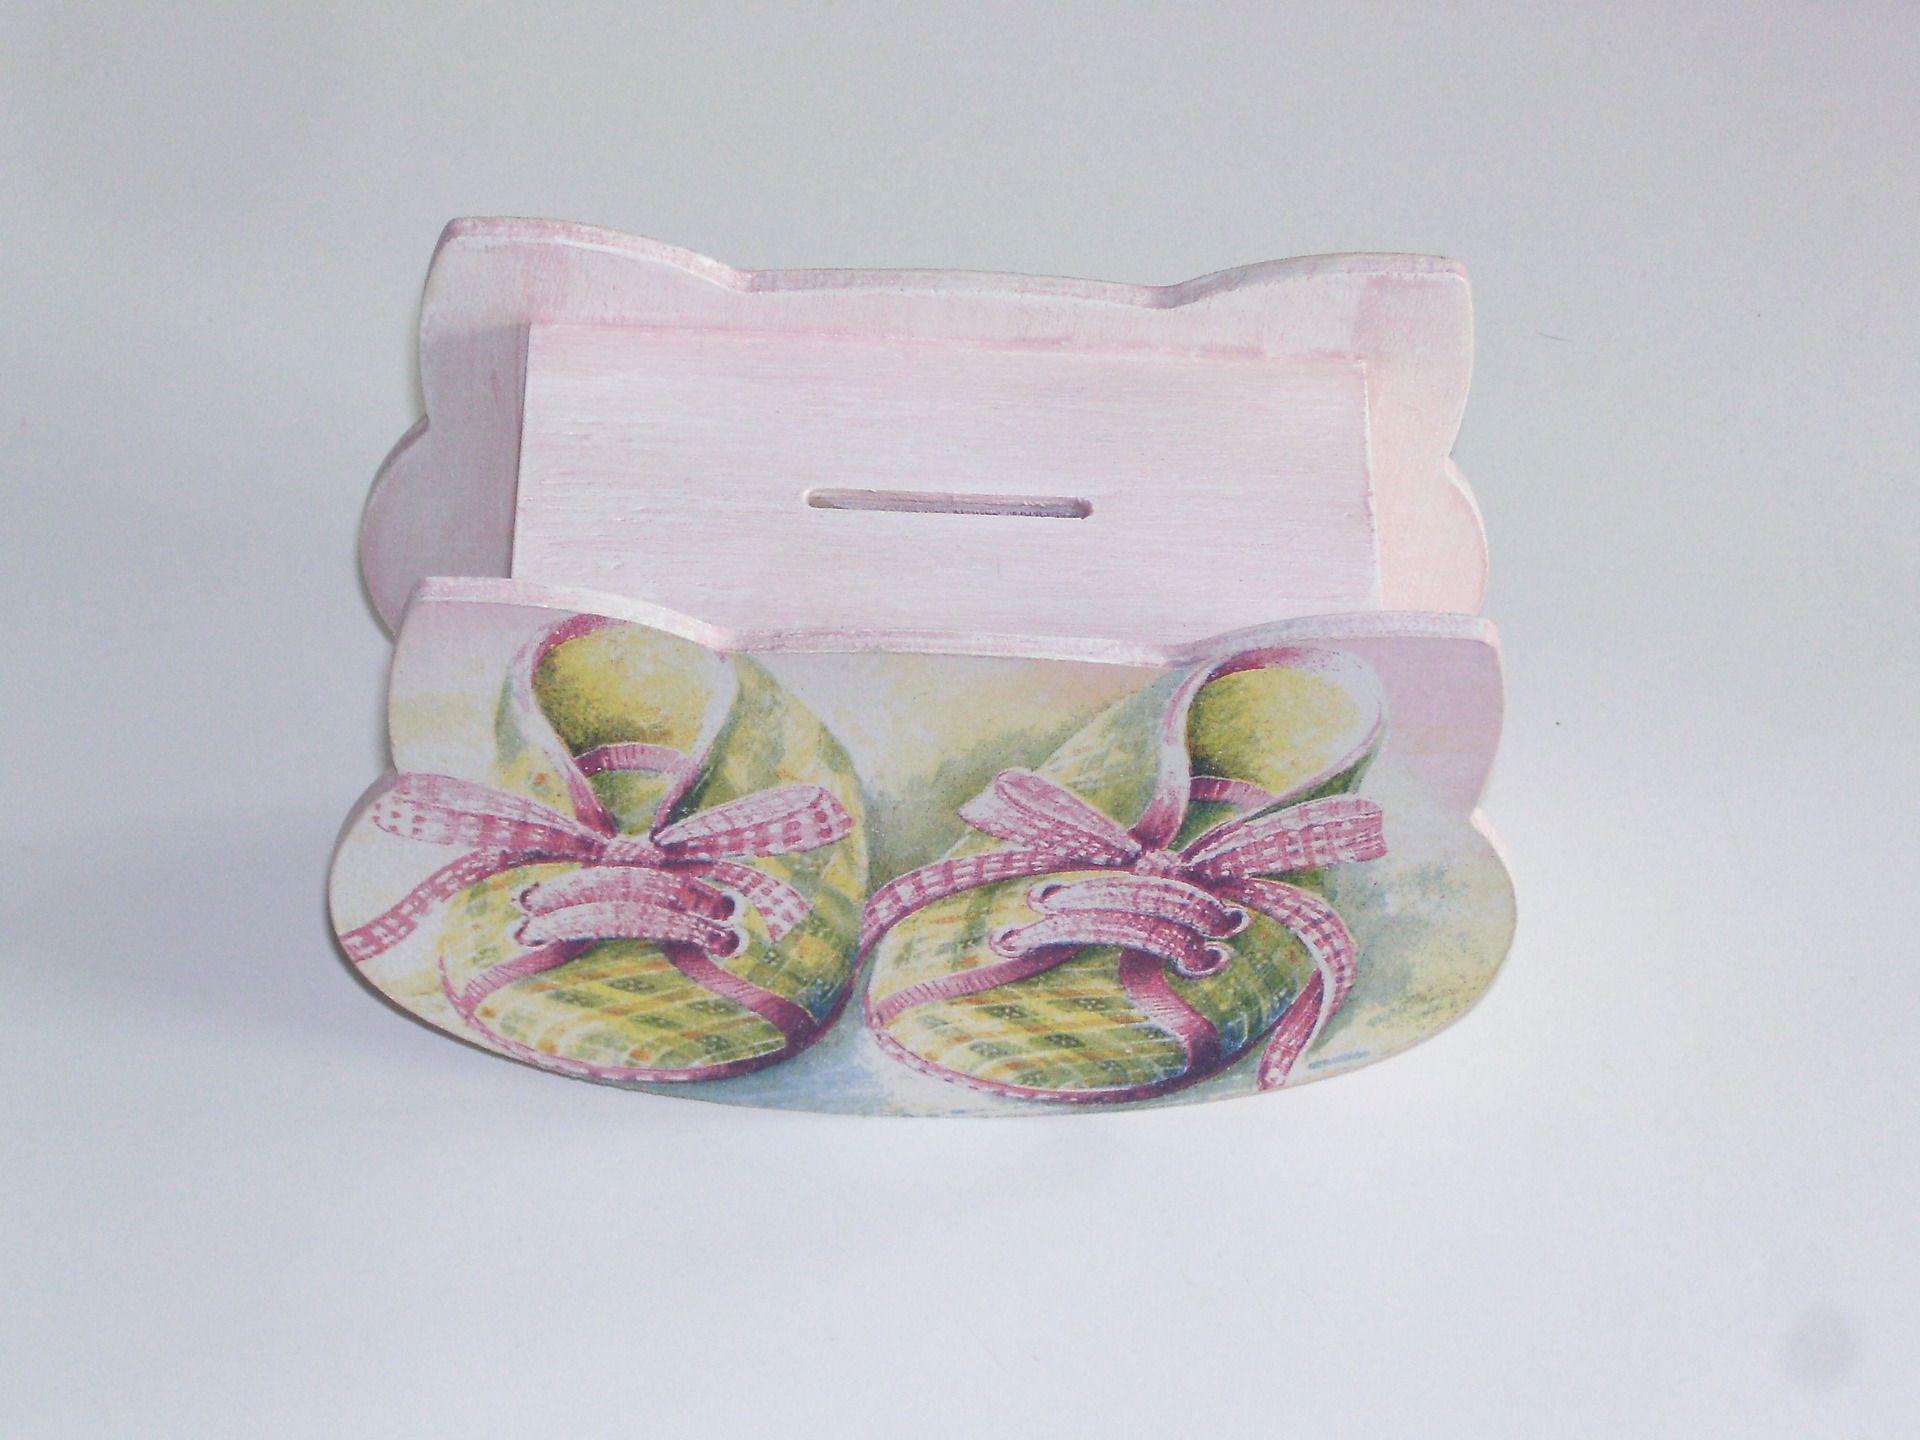 Tirelire Bebe Fille Chaussons Hochet En Bois Blanc Et Rose